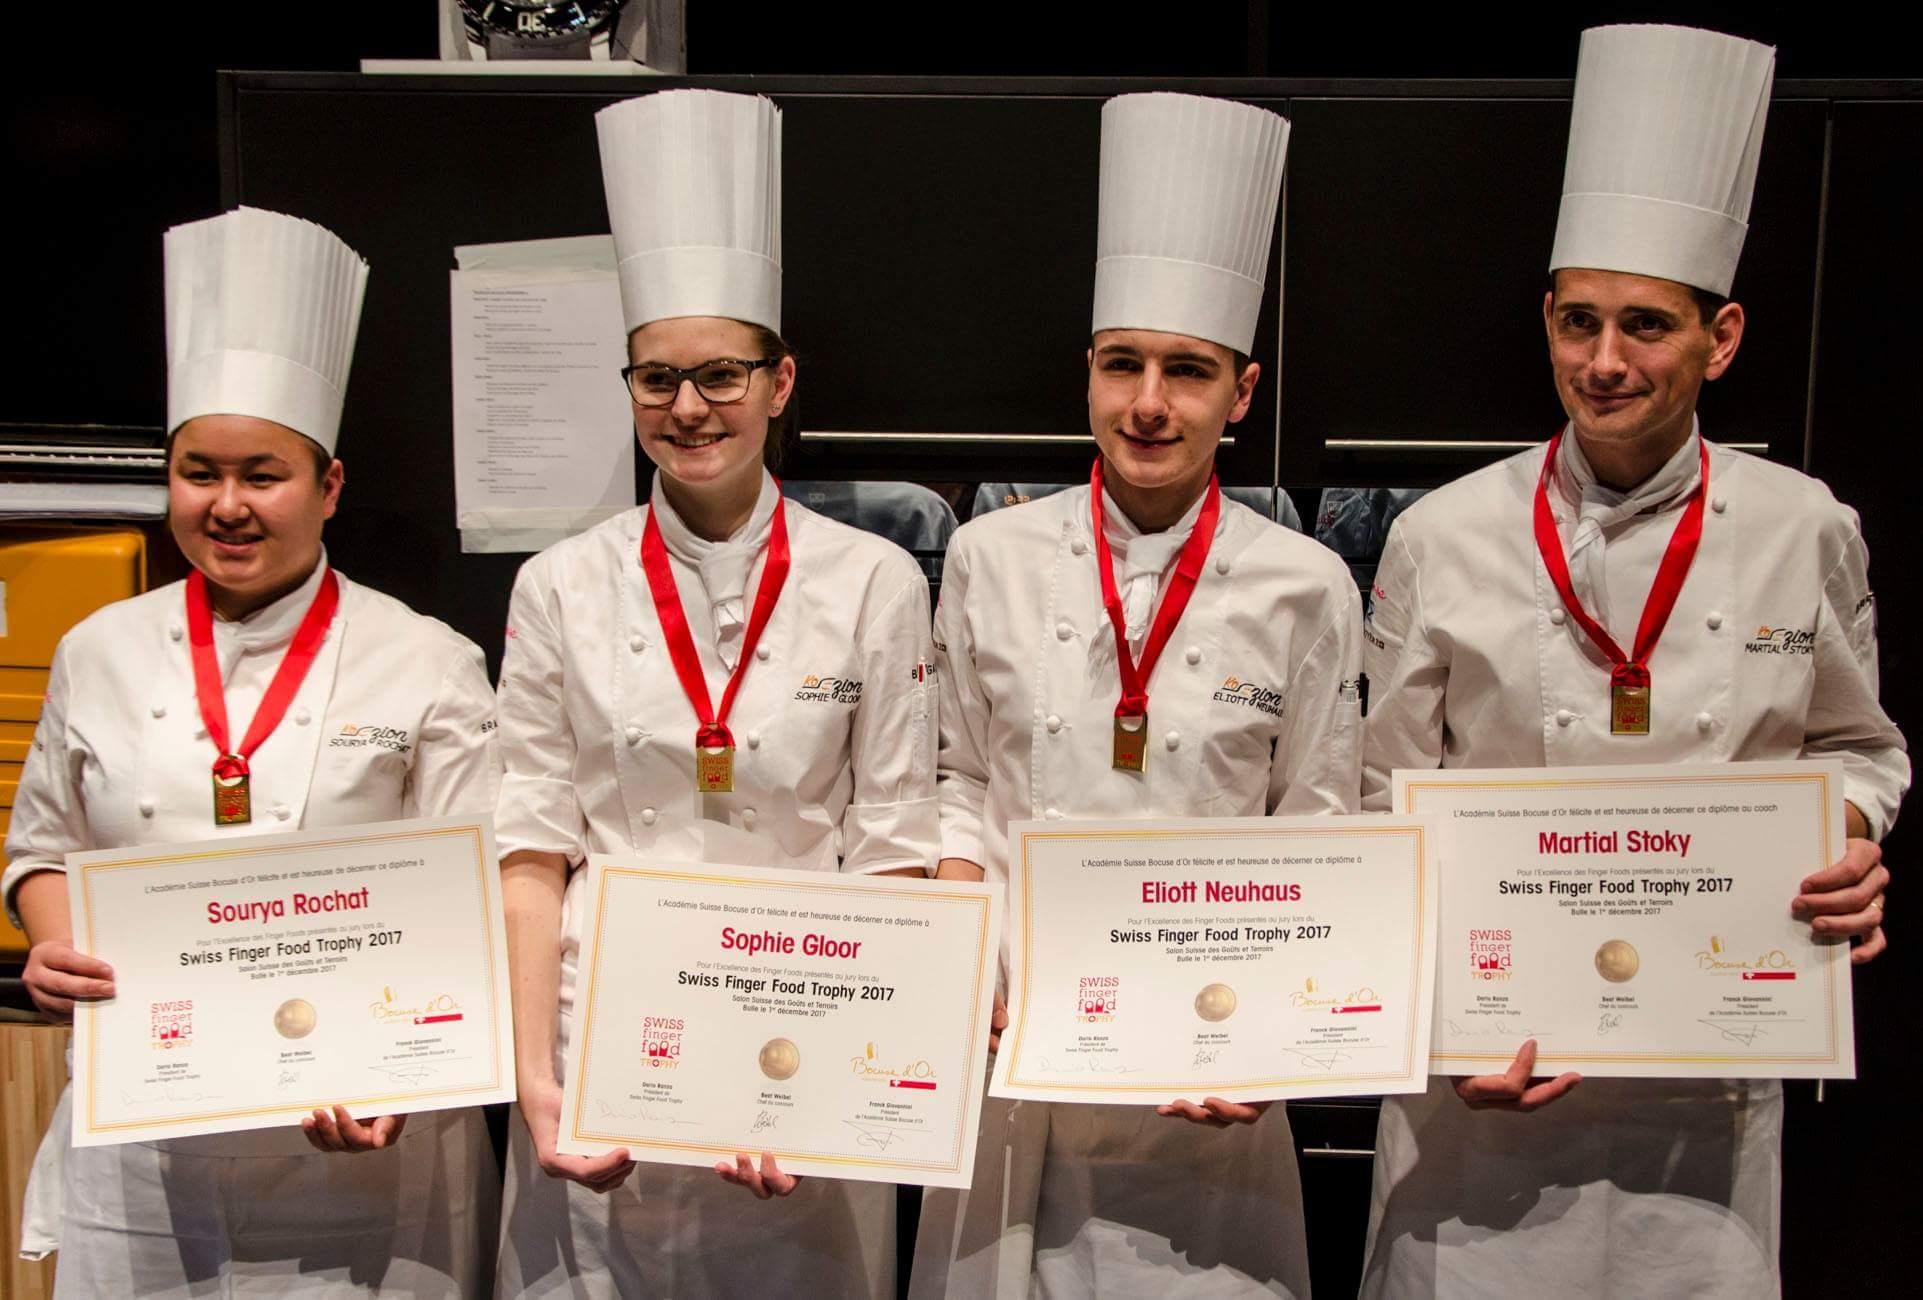 Swiss Finger Food Trophy première place